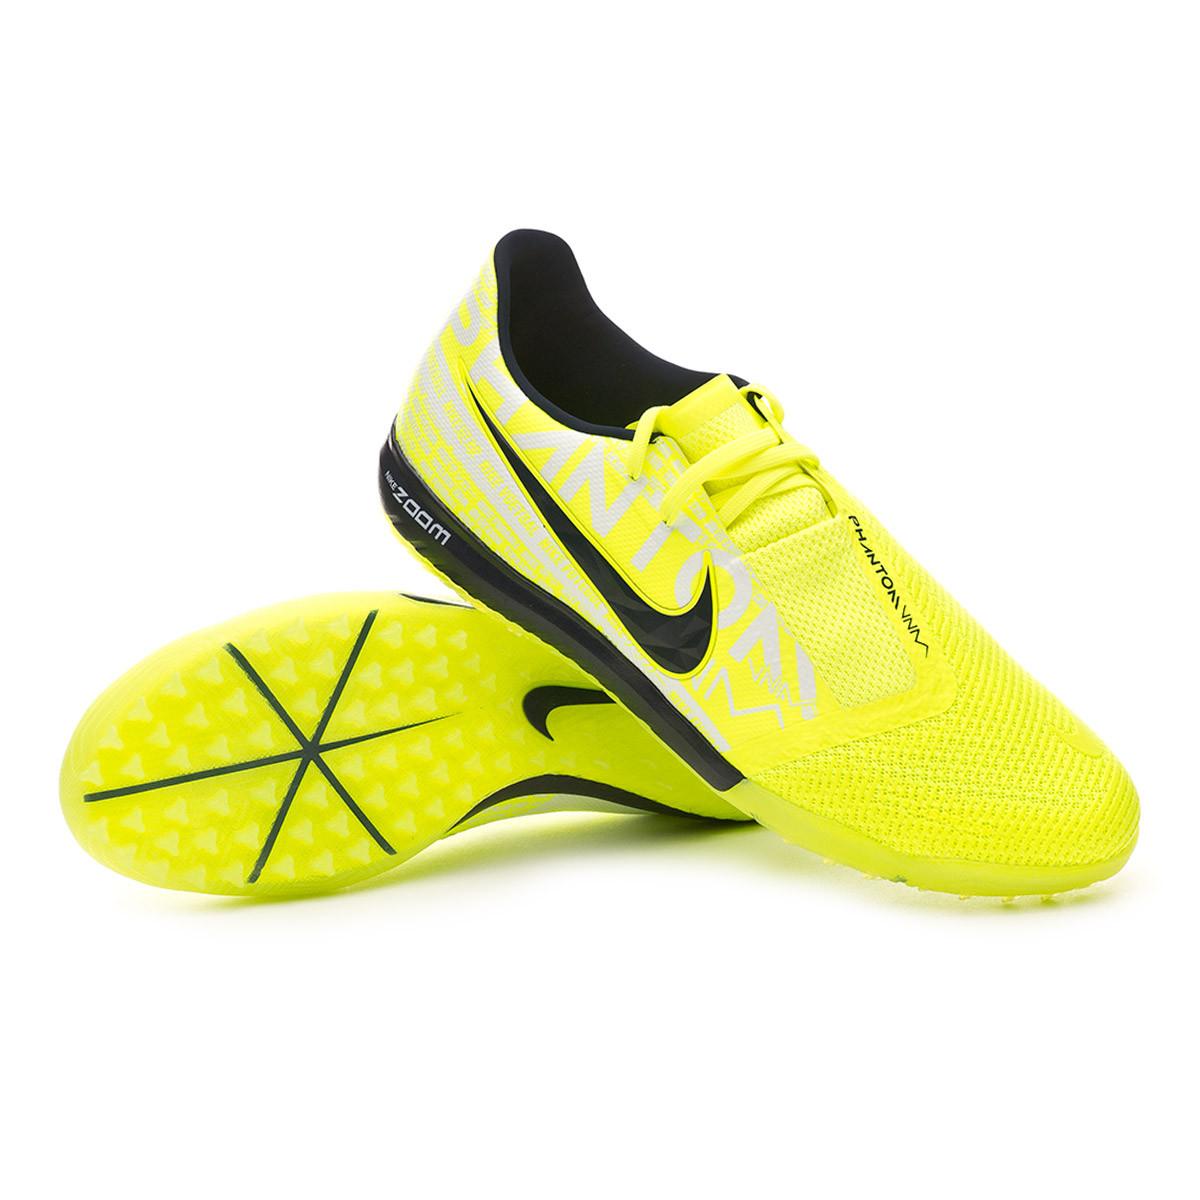 Football Boots Nike Zoom Phantom Venom